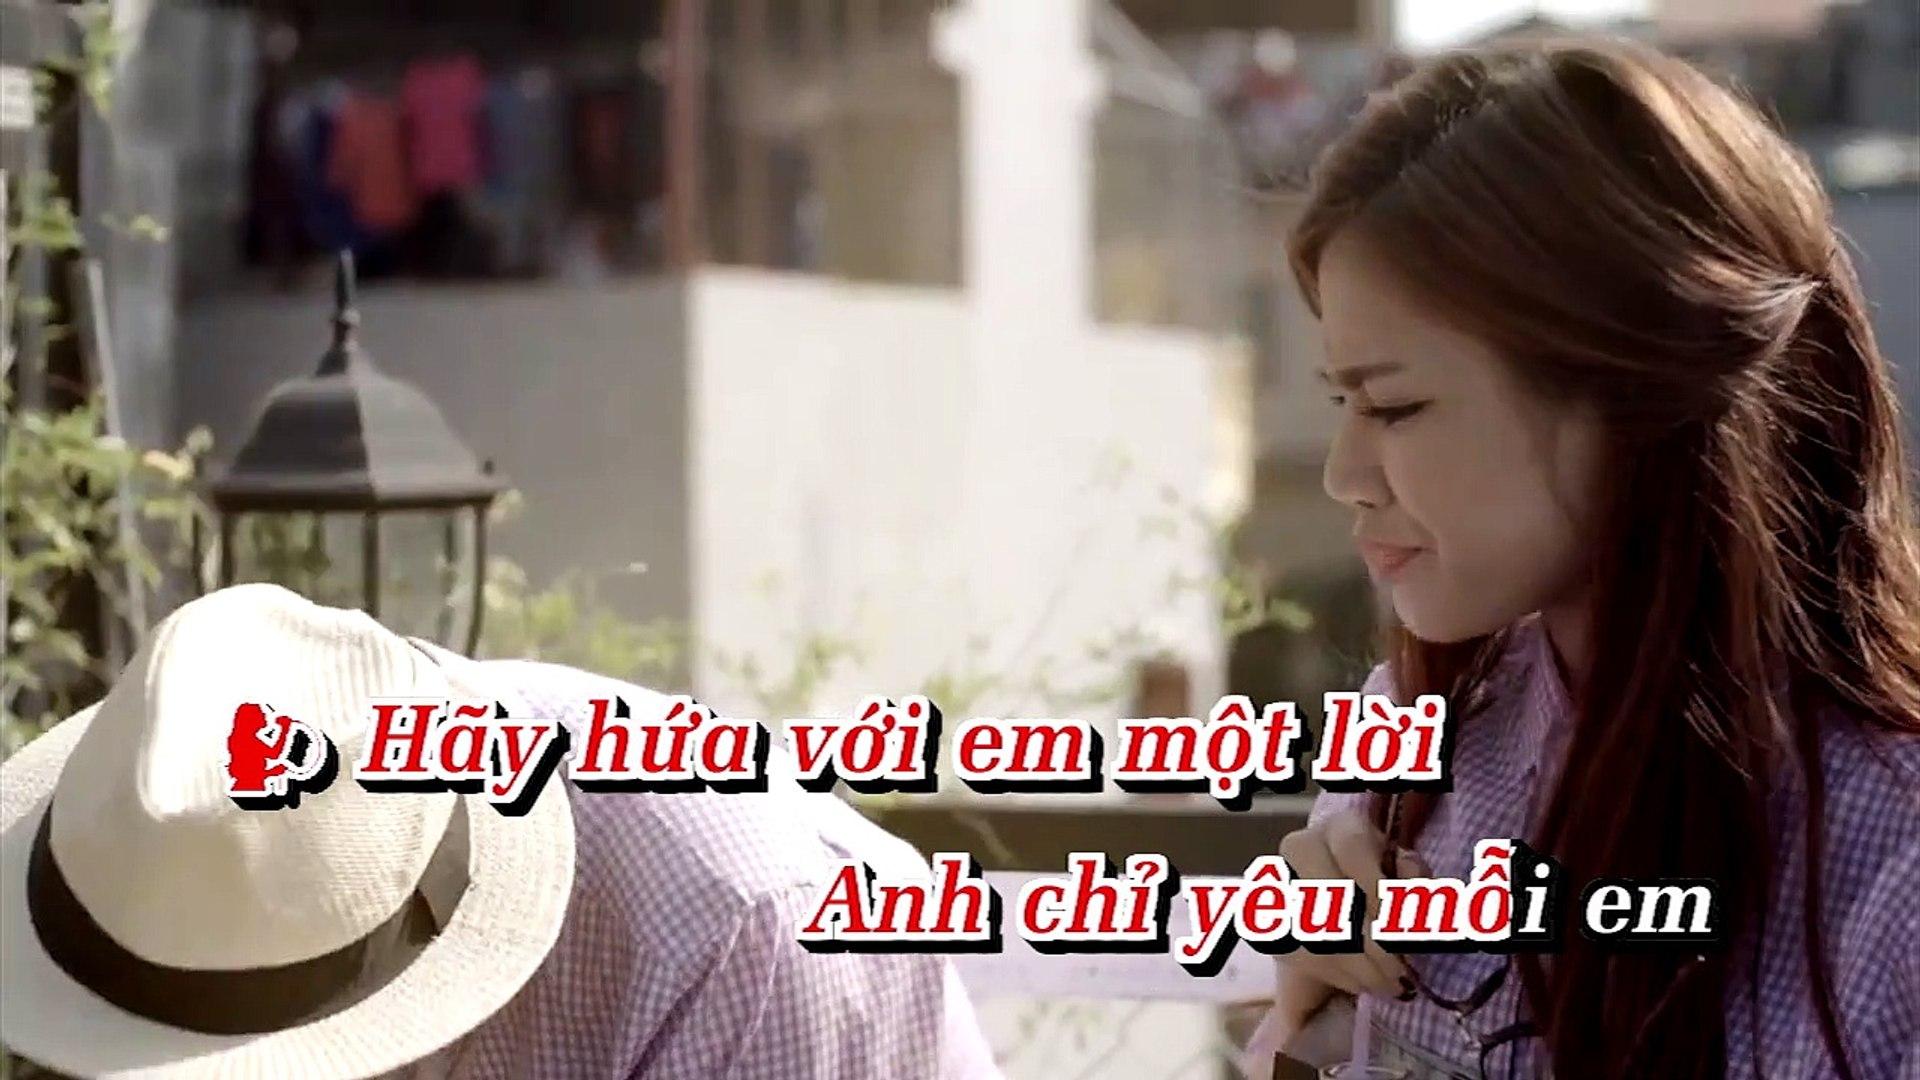 [Karaoke] Như Phút Ban Đầu - Tiến Việt Ft. Yến Lê [Beat]